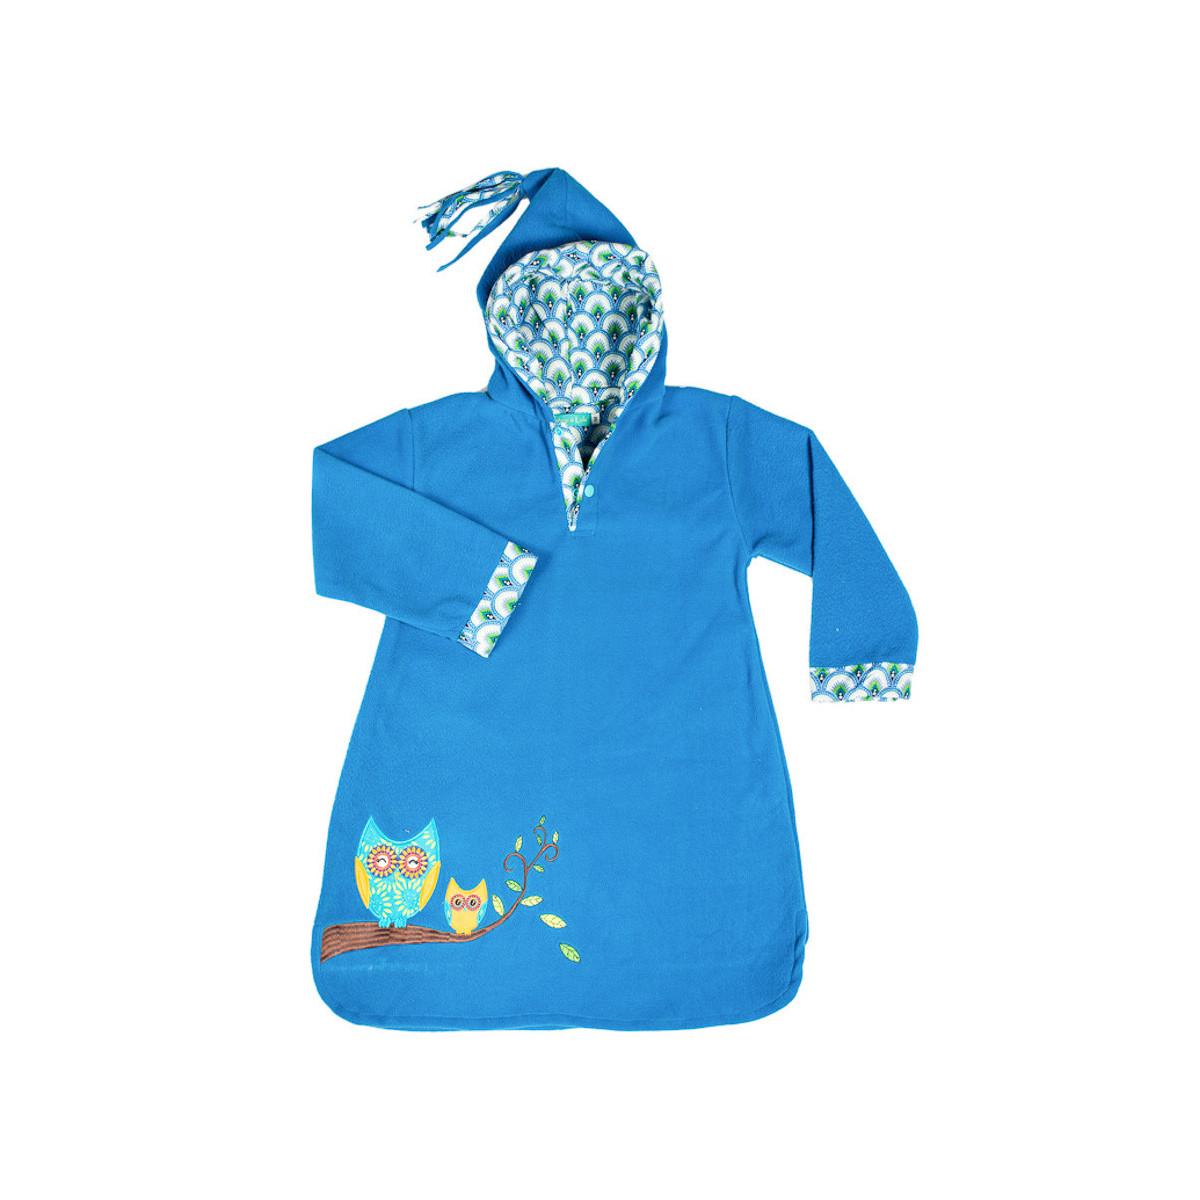 Burnou polaire enfant bleu et hibou brodé